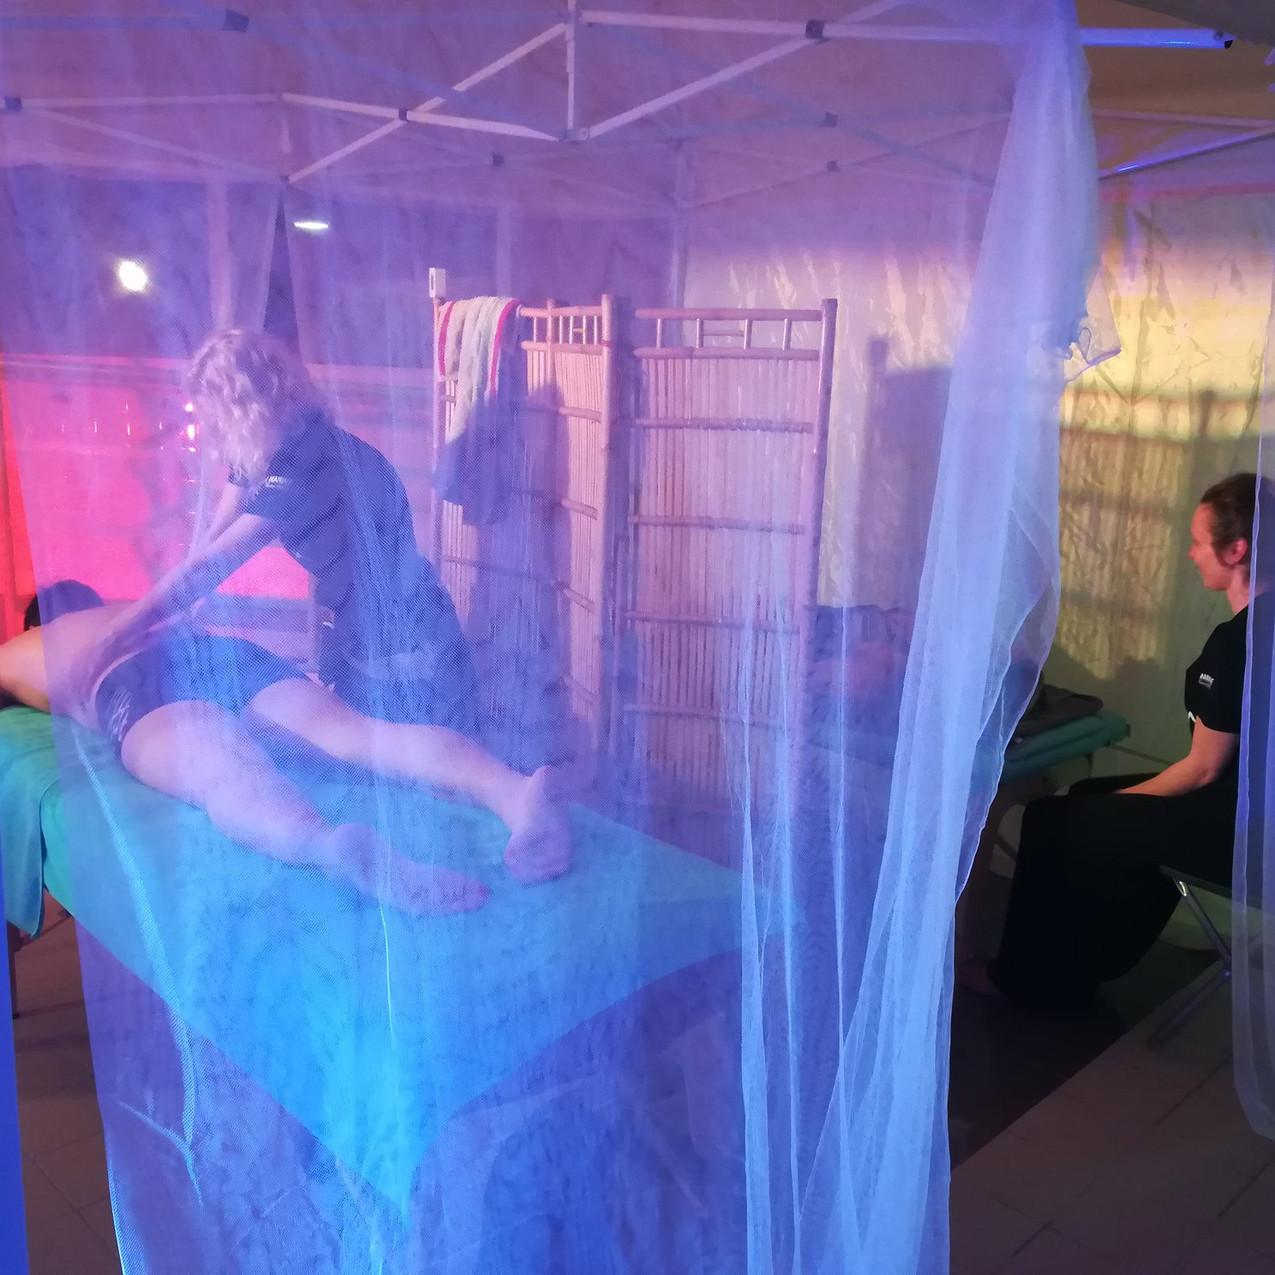 Pole de therapeutes elbeuf 76 27 Céline Paquet Hypnotherapeute hypnorelaxation hypnose Sophie Déchamps Massage Bien-être